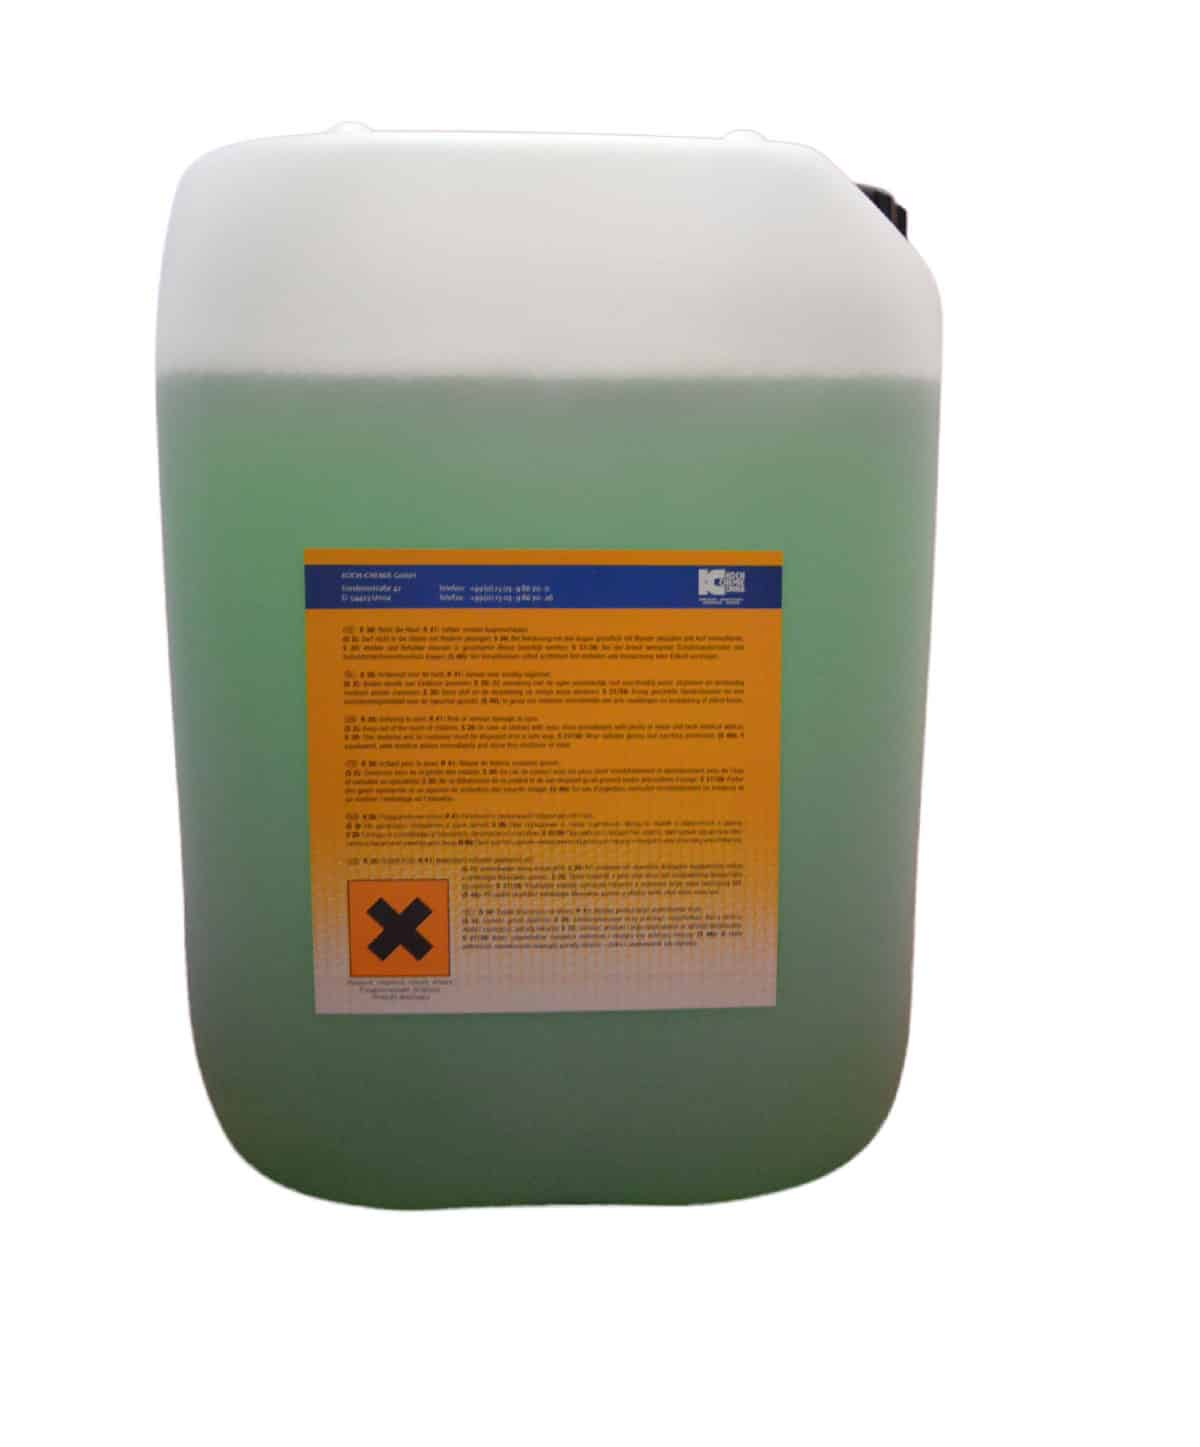 Kochchemie vorreiniger copo star bmp t 10 liter for Koch chemie pol star